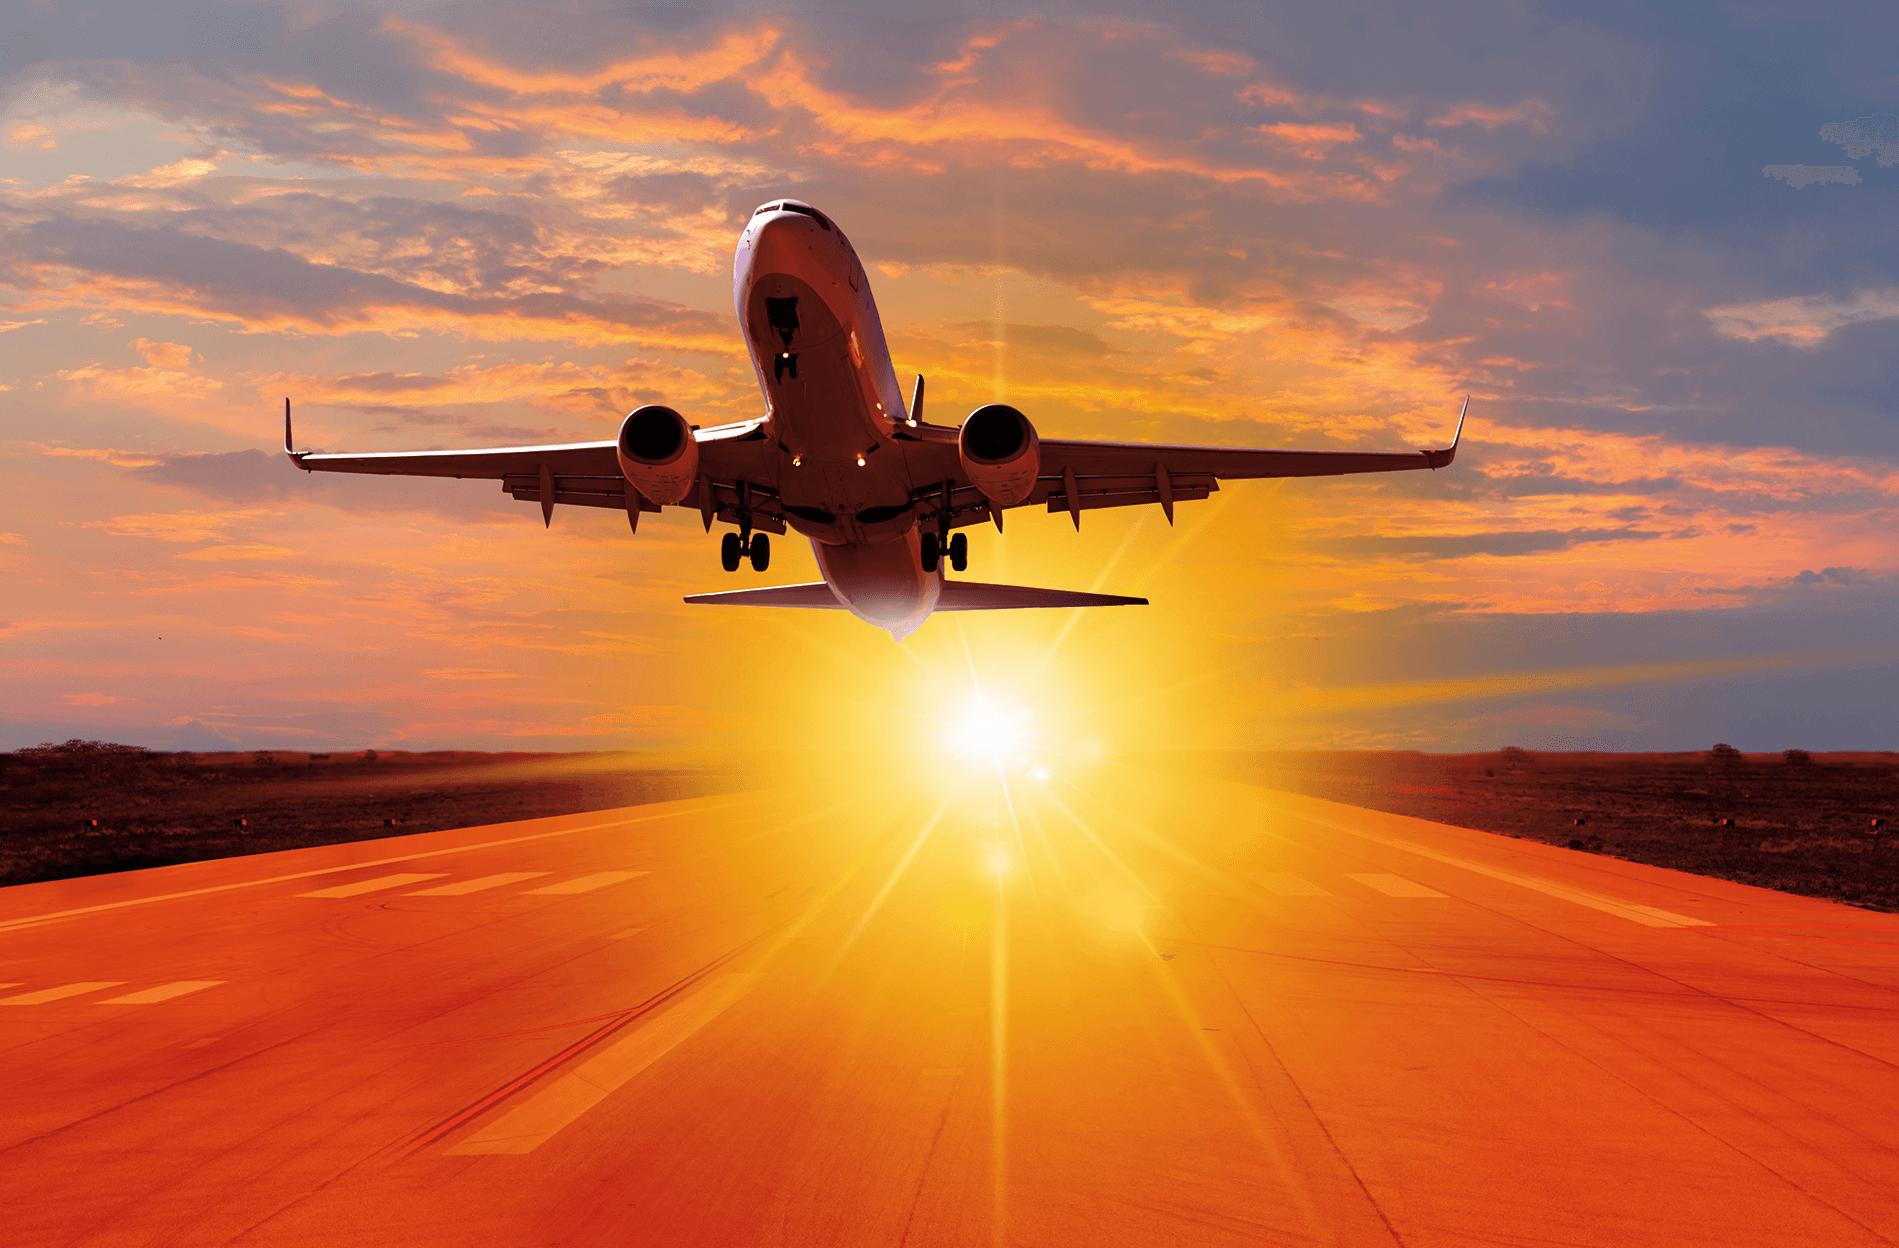 Ferie med Formål tilbyder mange spændende destinationer rundt omkring i verden. Vi gør altid vores ypperste for at finde de bedst mulige flyløsninger til din ferie - og altid flyselskaber som vi kan stå inde for. Som udgangspunkt vil der i de fleste tilfælde være minimum én mellemlanding undervejs til vores nuværende destinationer.   Med flere forskellige destinationer, følger også flere forskellige flyselskaber, der ofte hver især har deres egne individuelle regler. Vi henviser altid til flyselskabets egen hjemmeside, for at få den information der passer til din rejse.